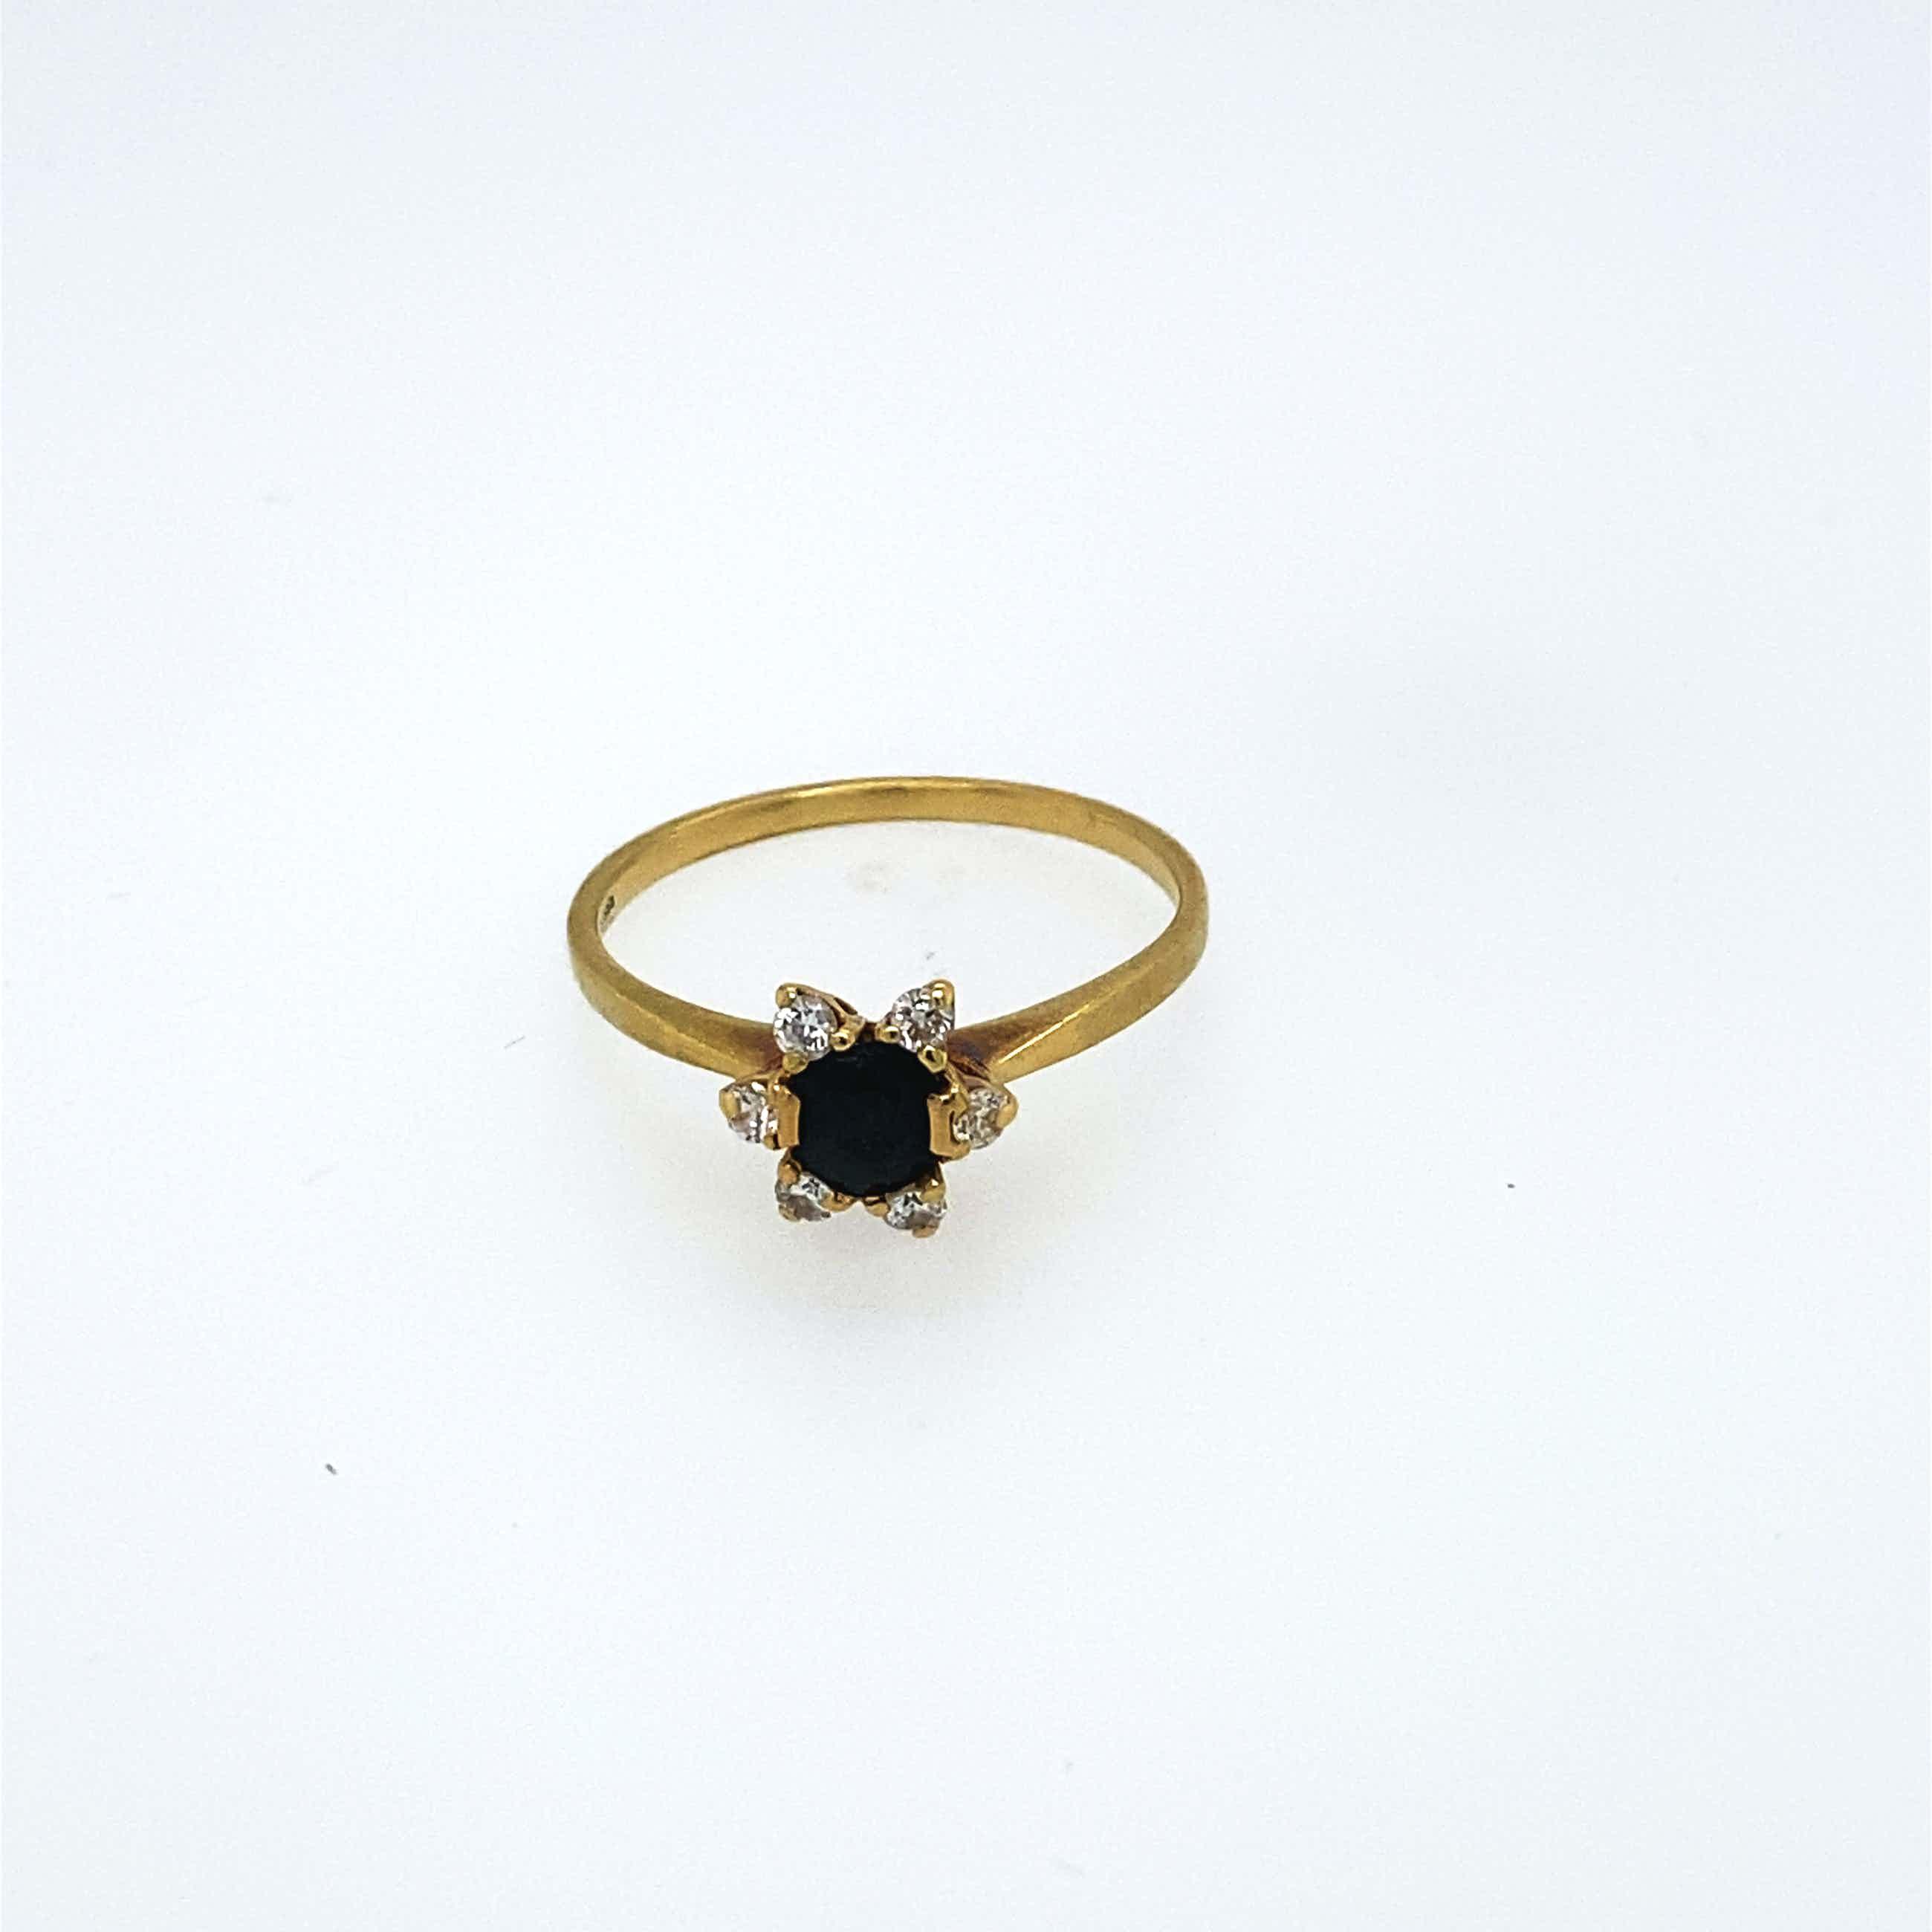 14kt gouden diamanten ring+saffier, maat 54/17,50, 2,08 gr kopen? Bied vanaf 180!